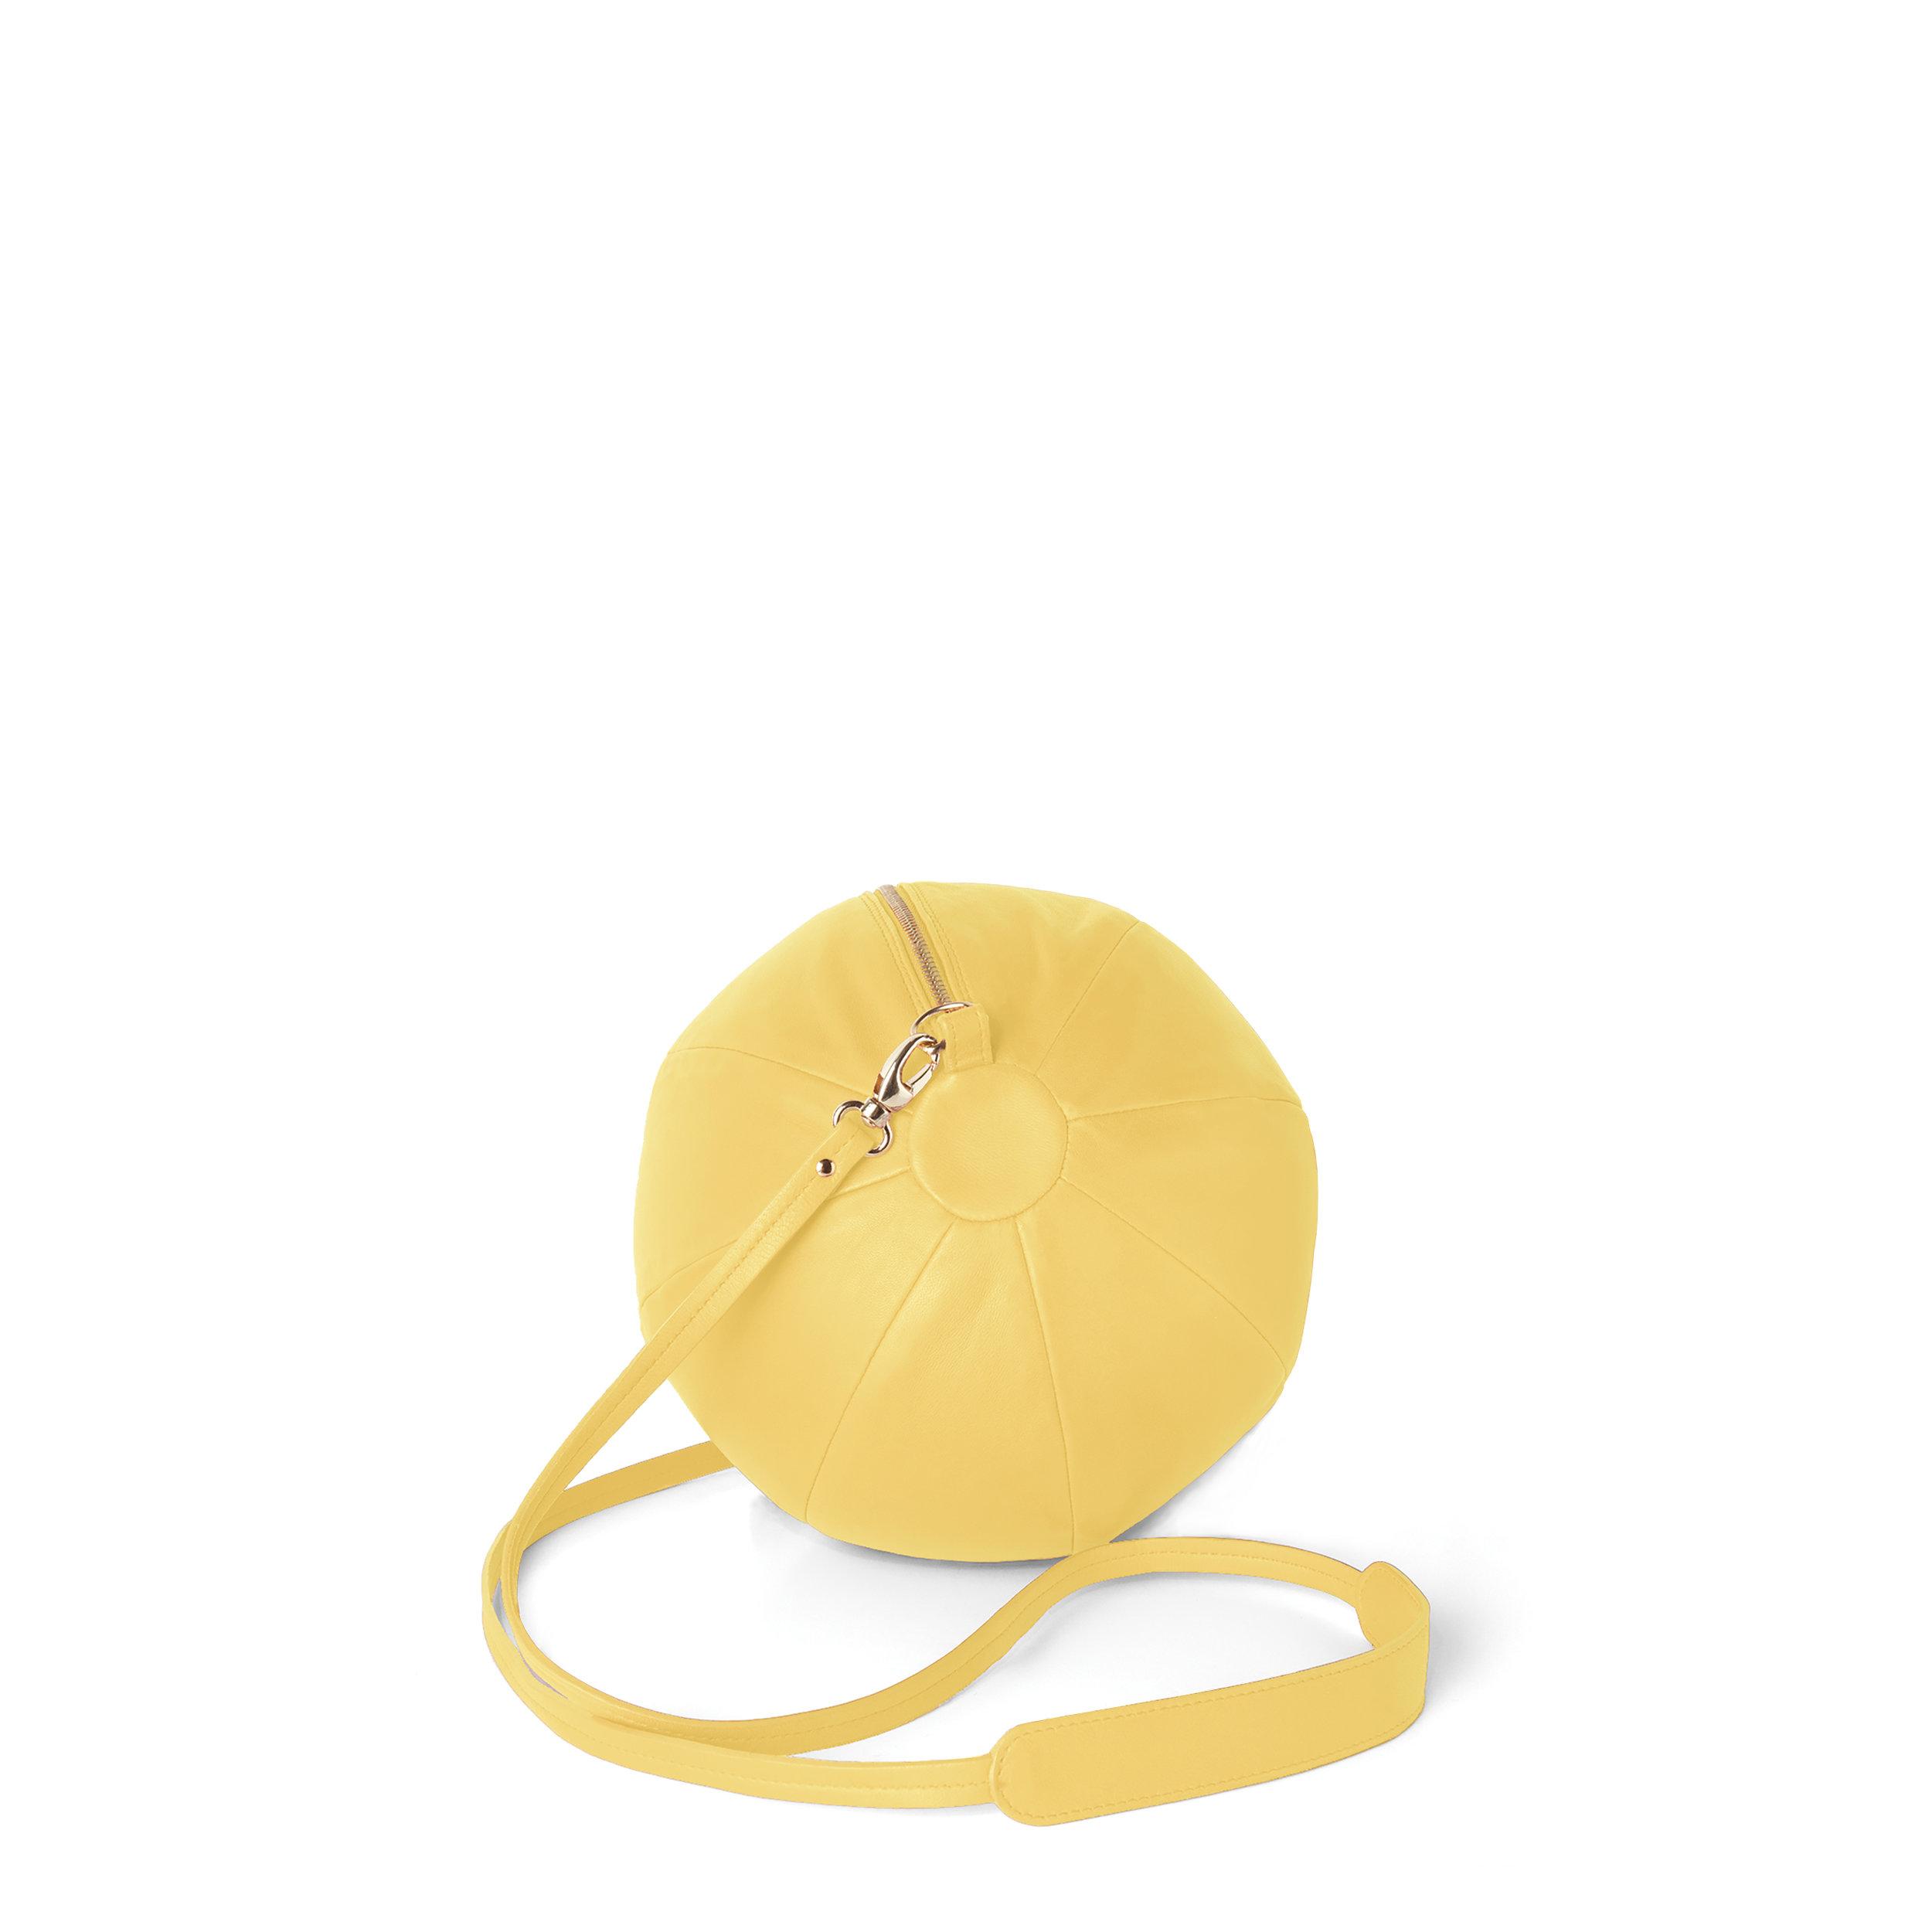 00 BALLOON yellow-BEA BUEHLER.jpg